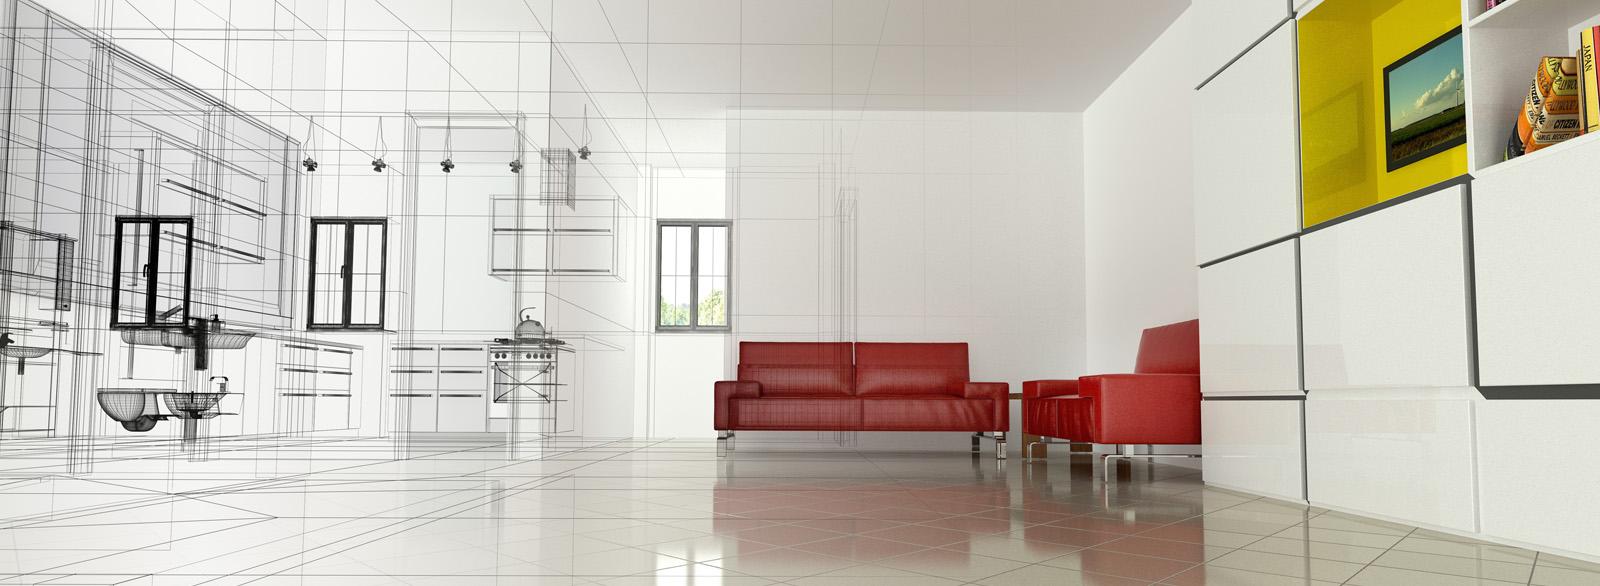 Curso superior online de oficinas y espacios p blicos dsigno for Espacios para oficinas